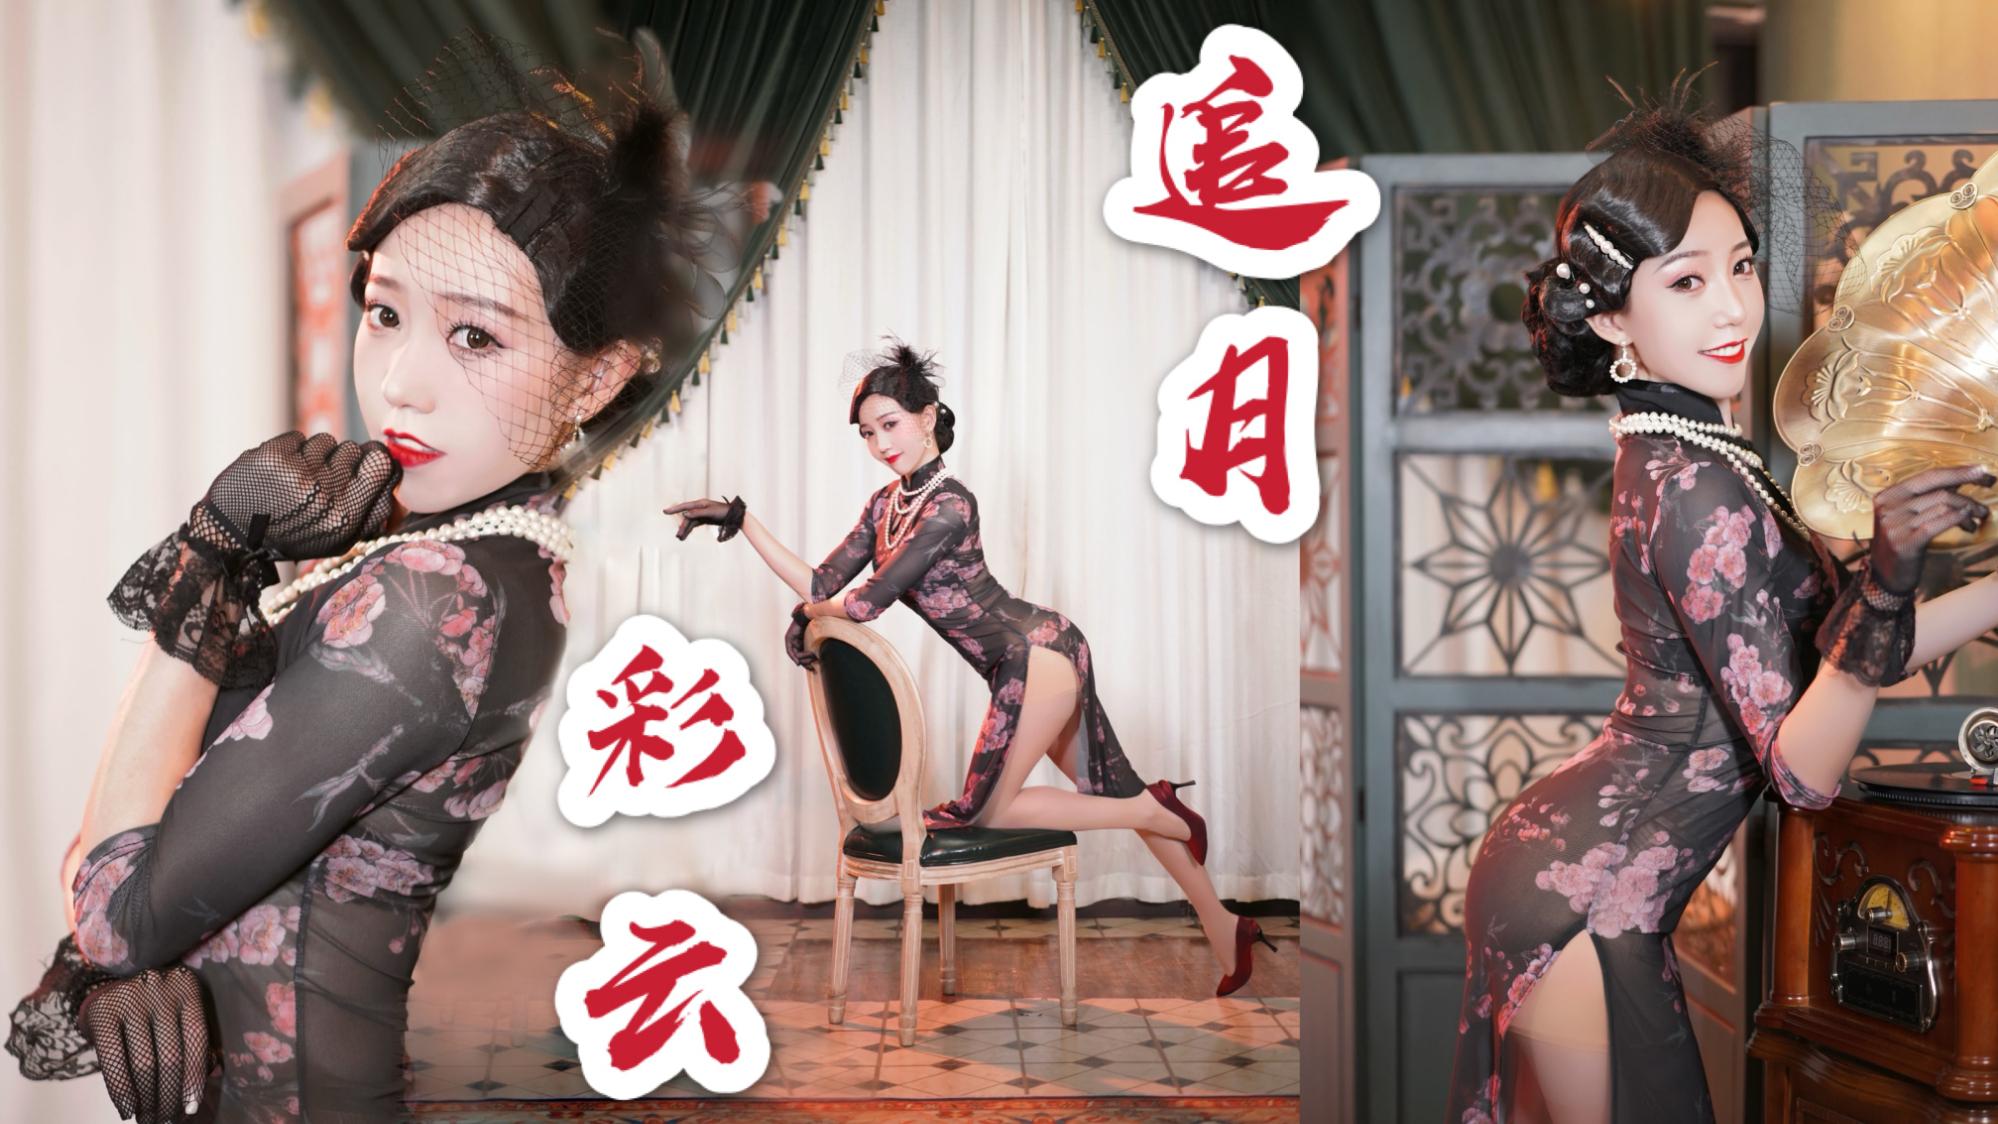 【雪薇 x 竾颜音】赏歌赏月赏佳人